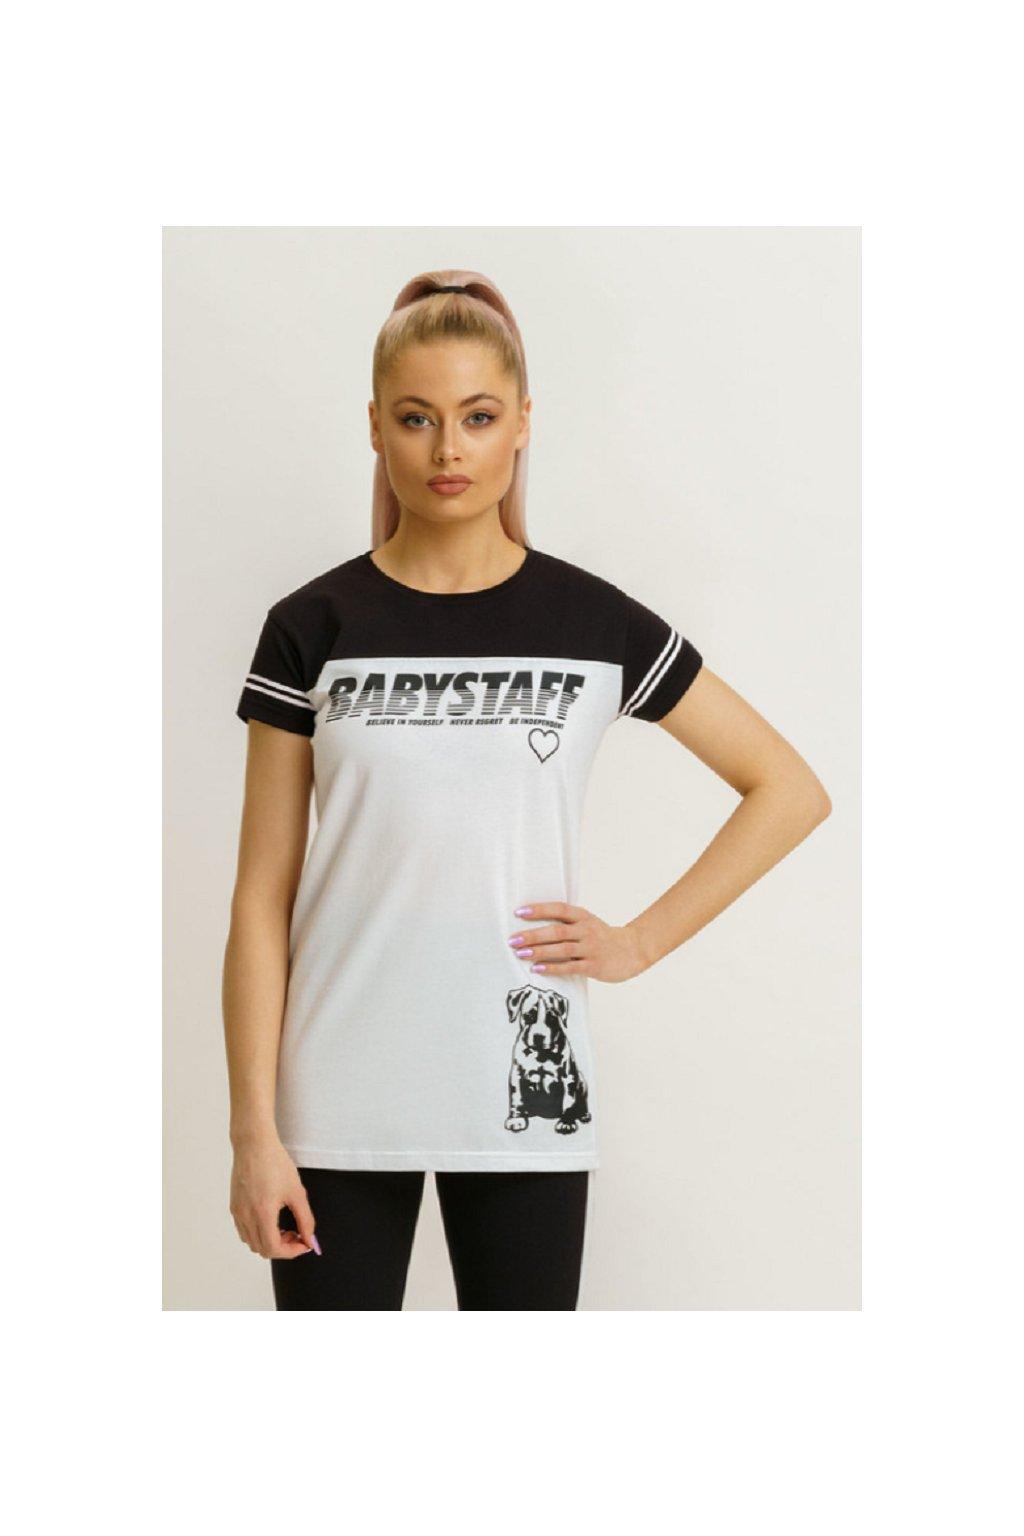 Babystaff dámské triko Pankas přední strana